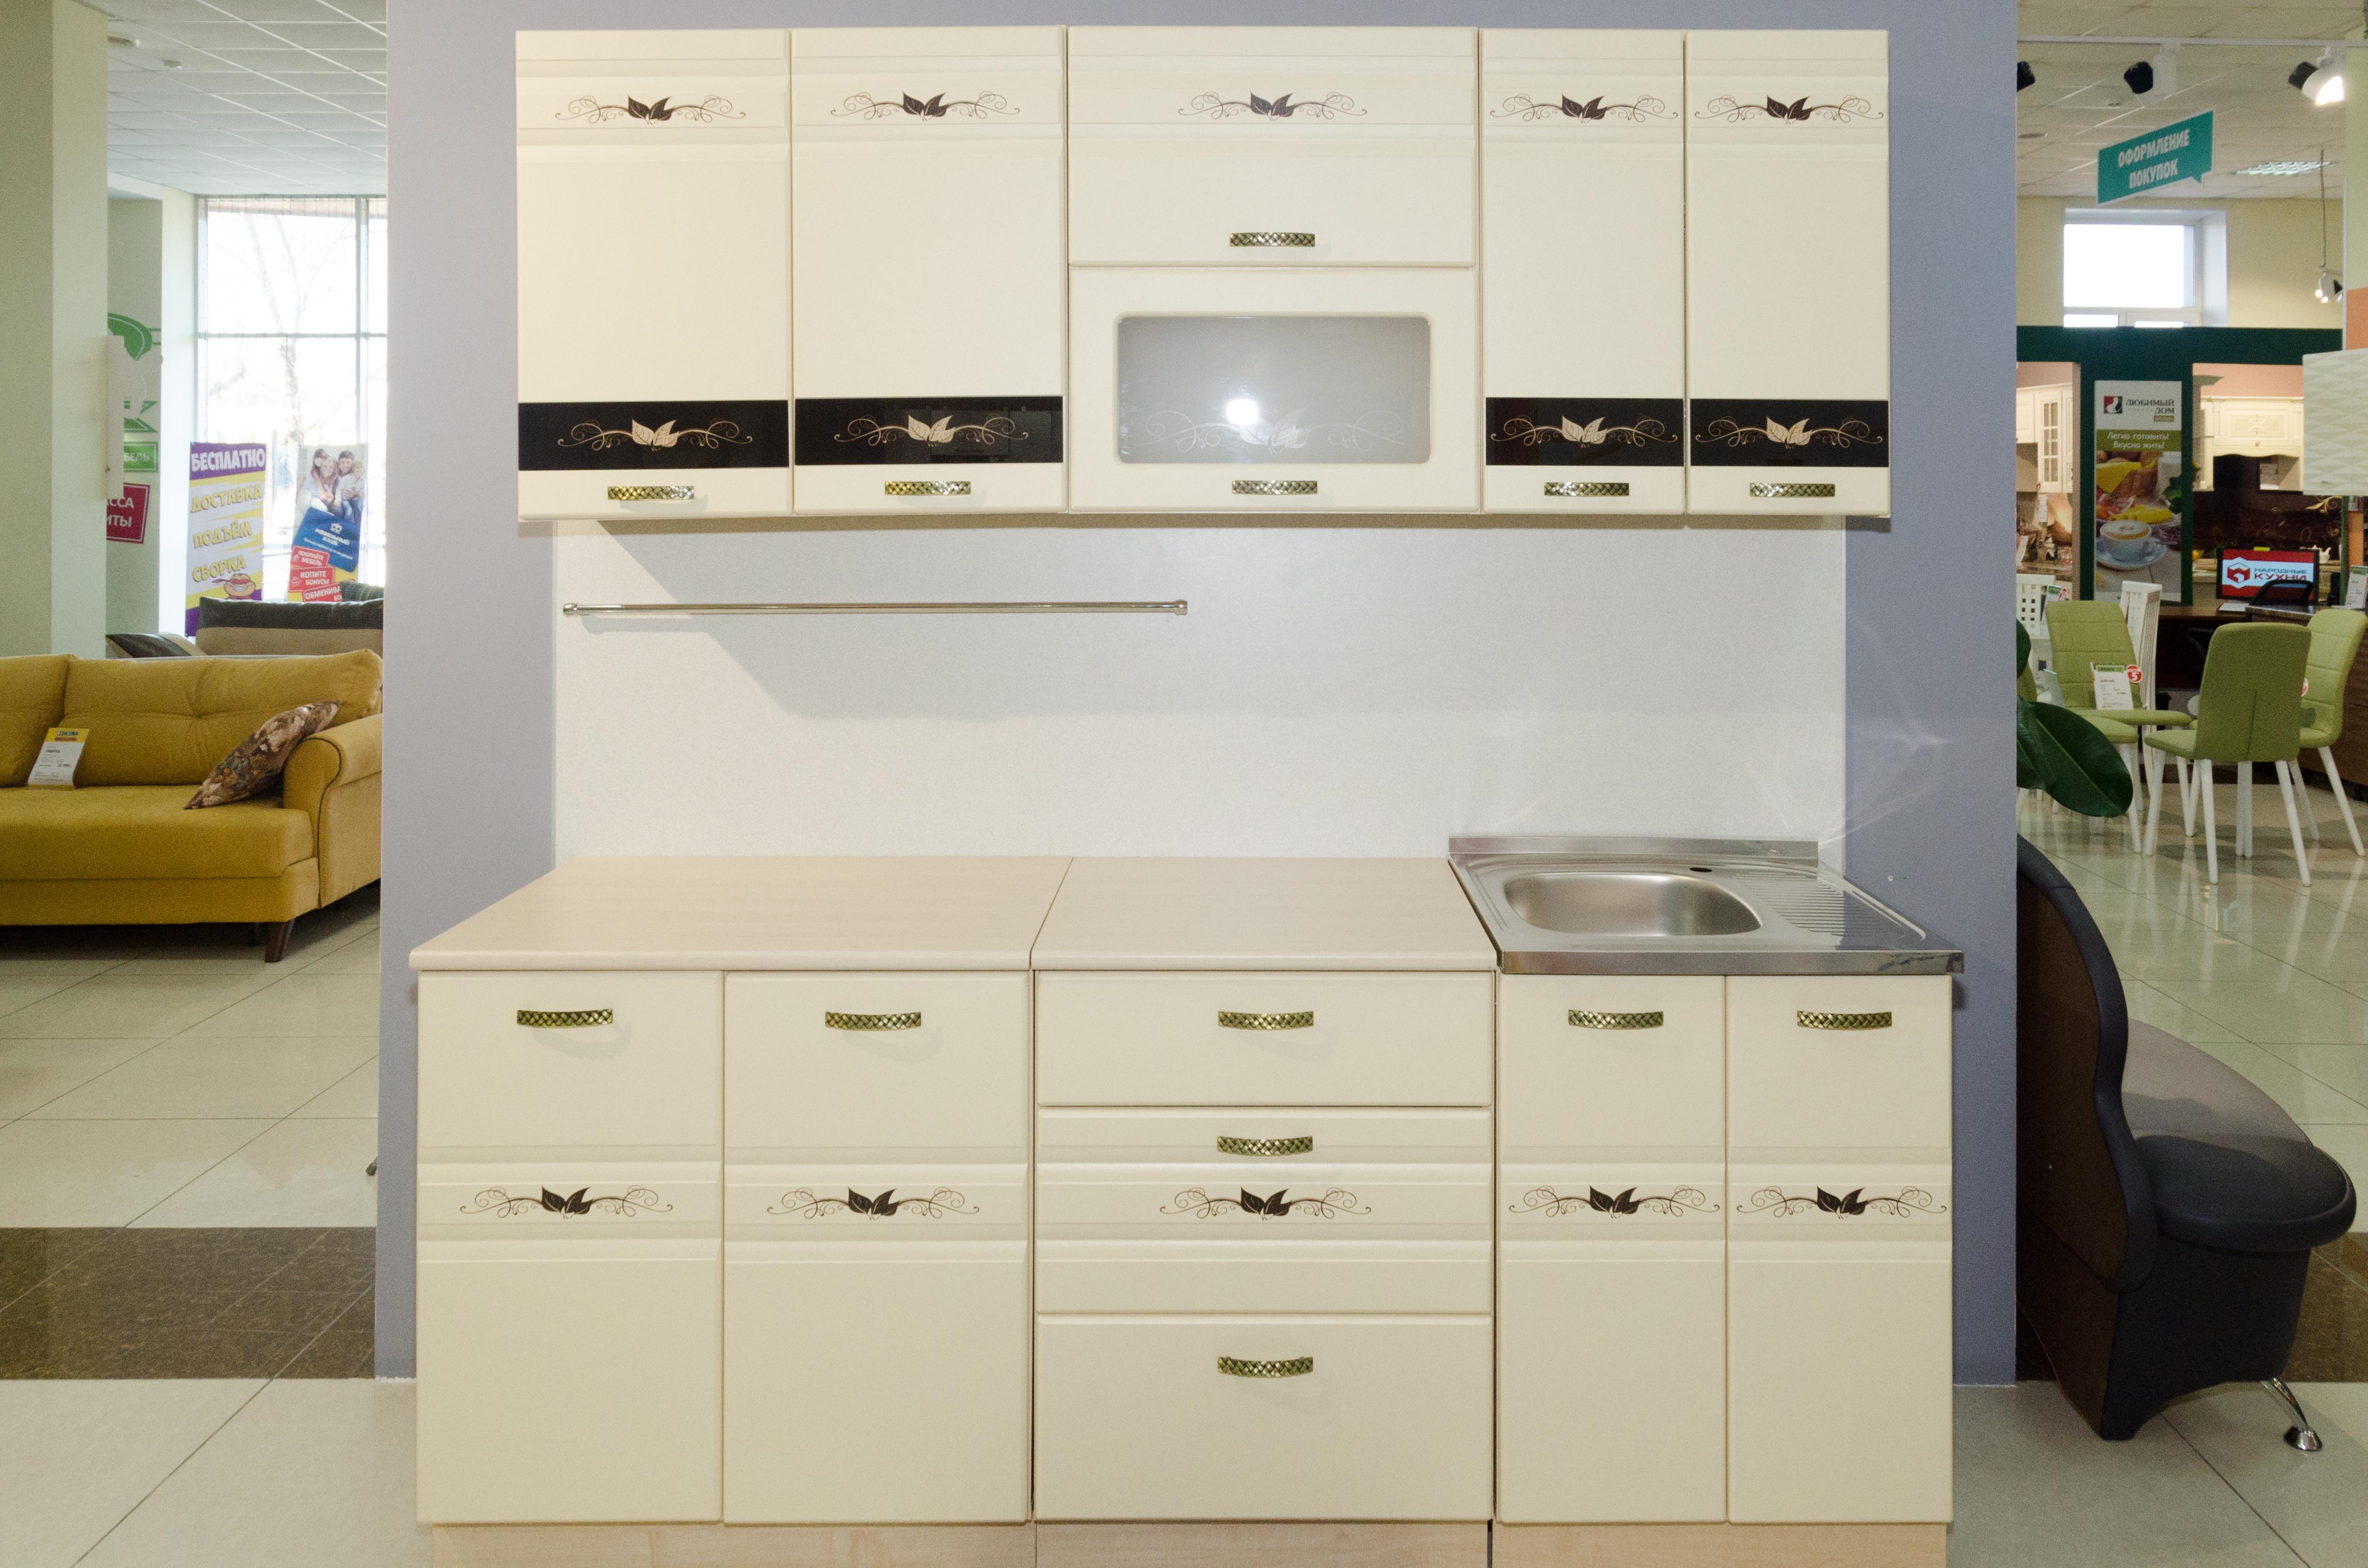 действительно кухонный гарнитур ева ваниль фото видоискателе